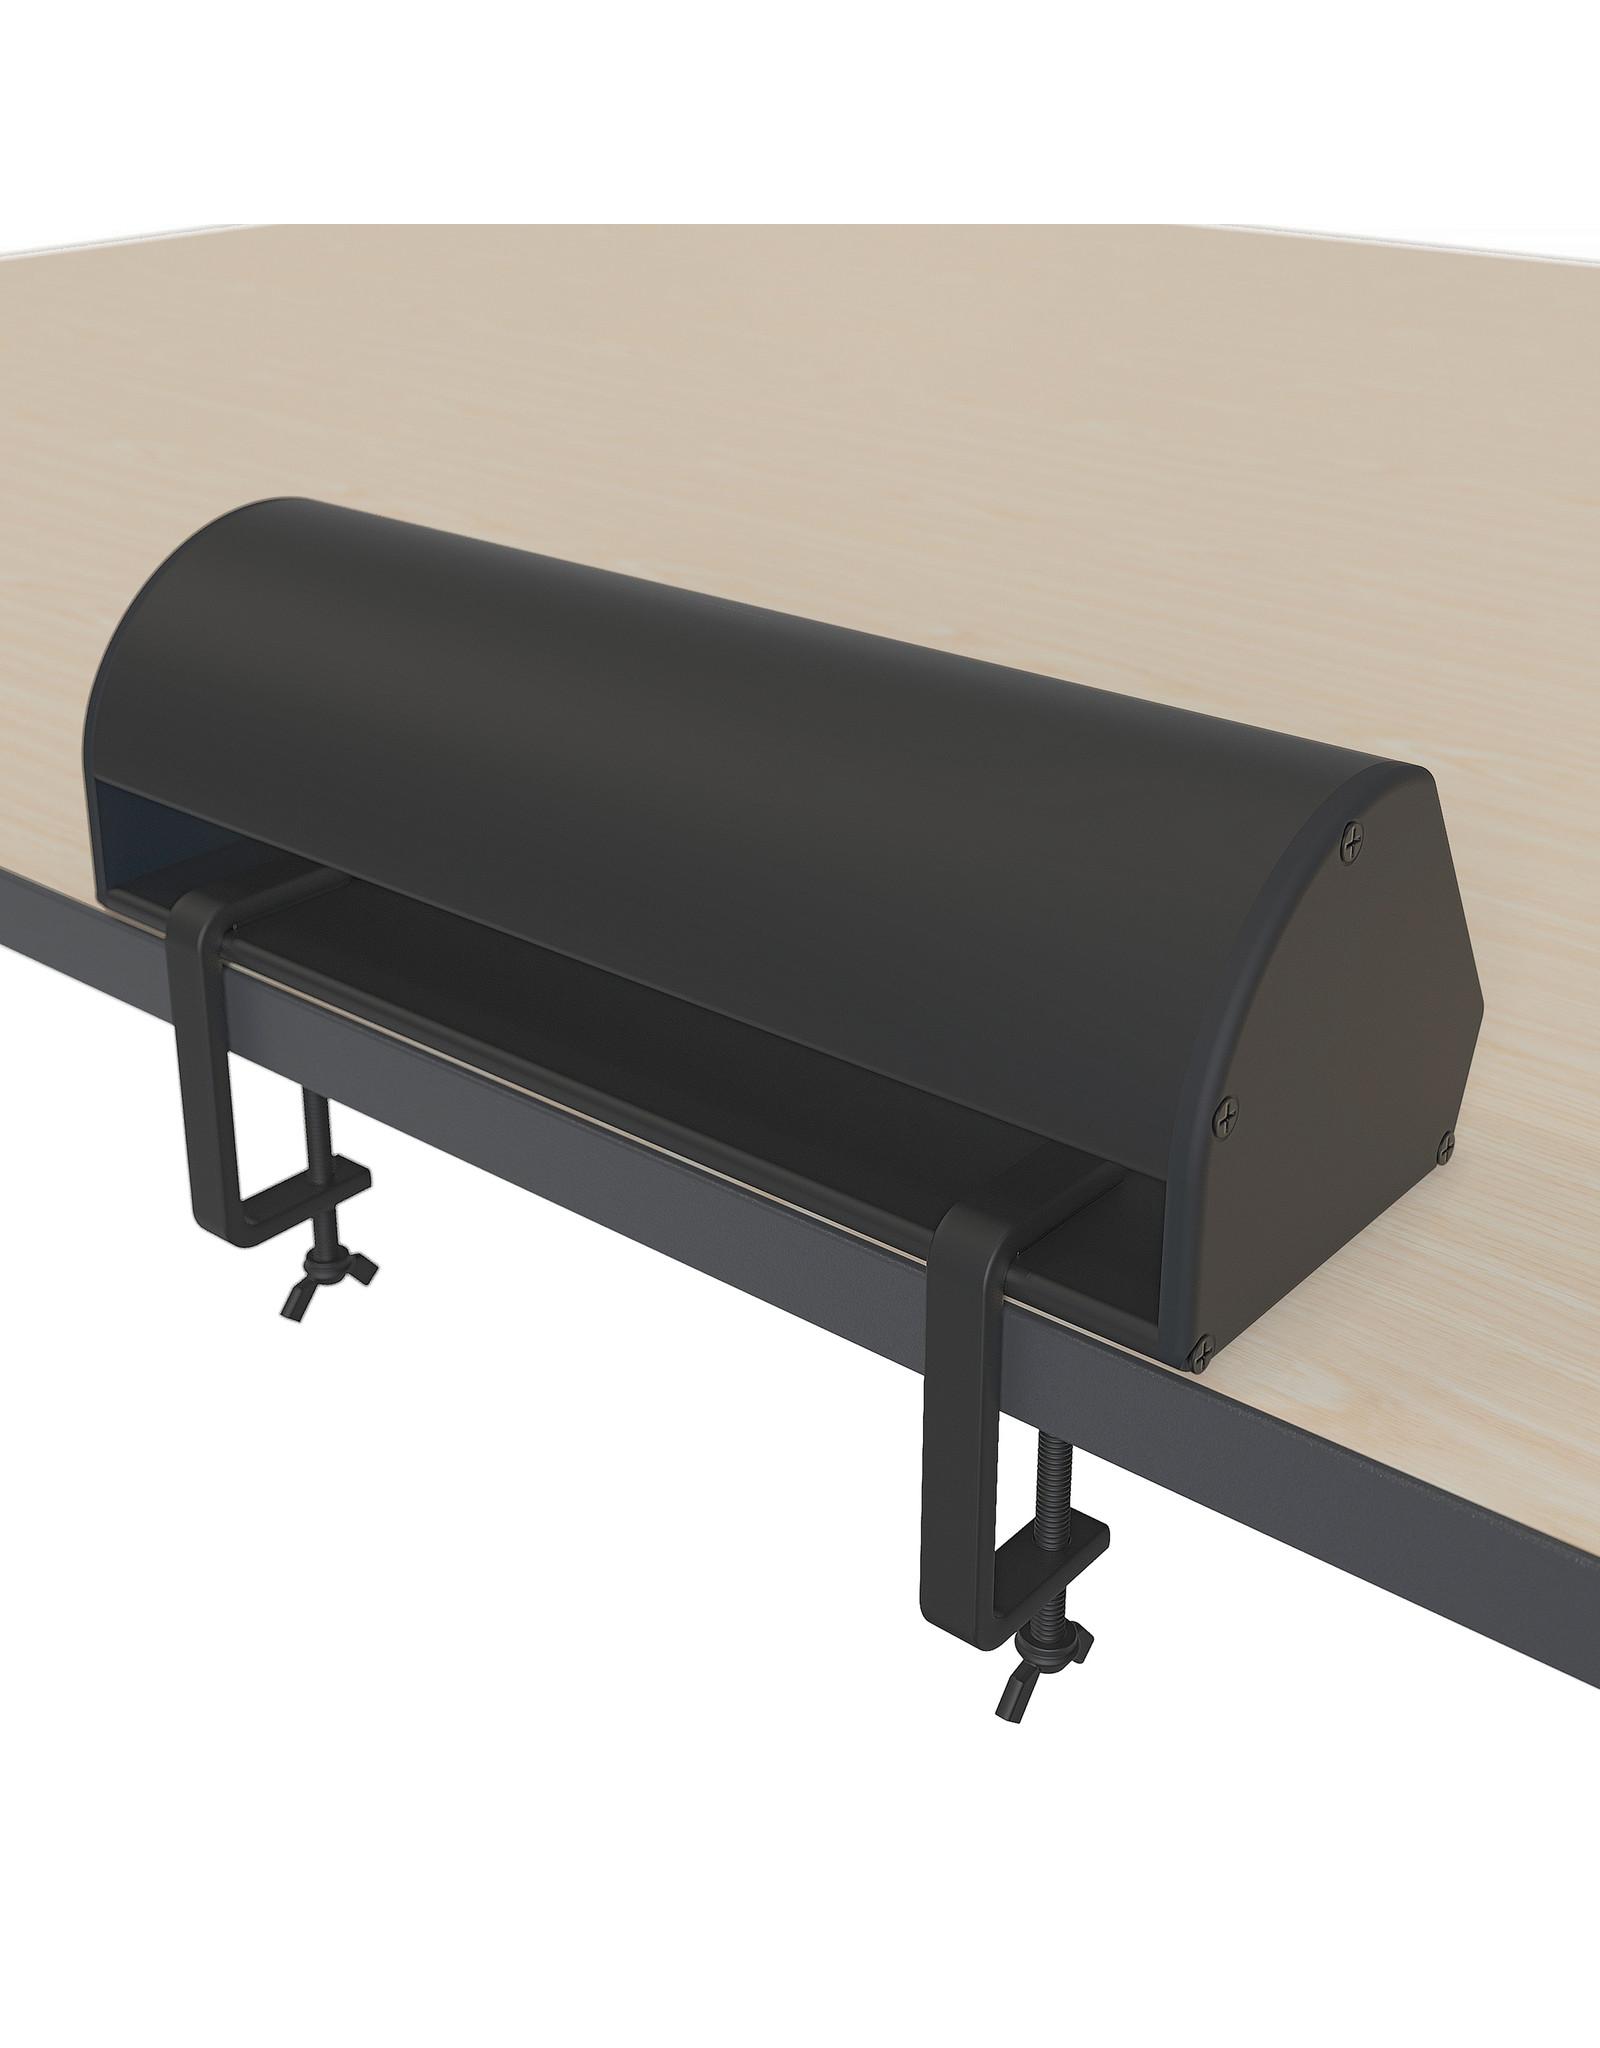 Axessline Desk Contact